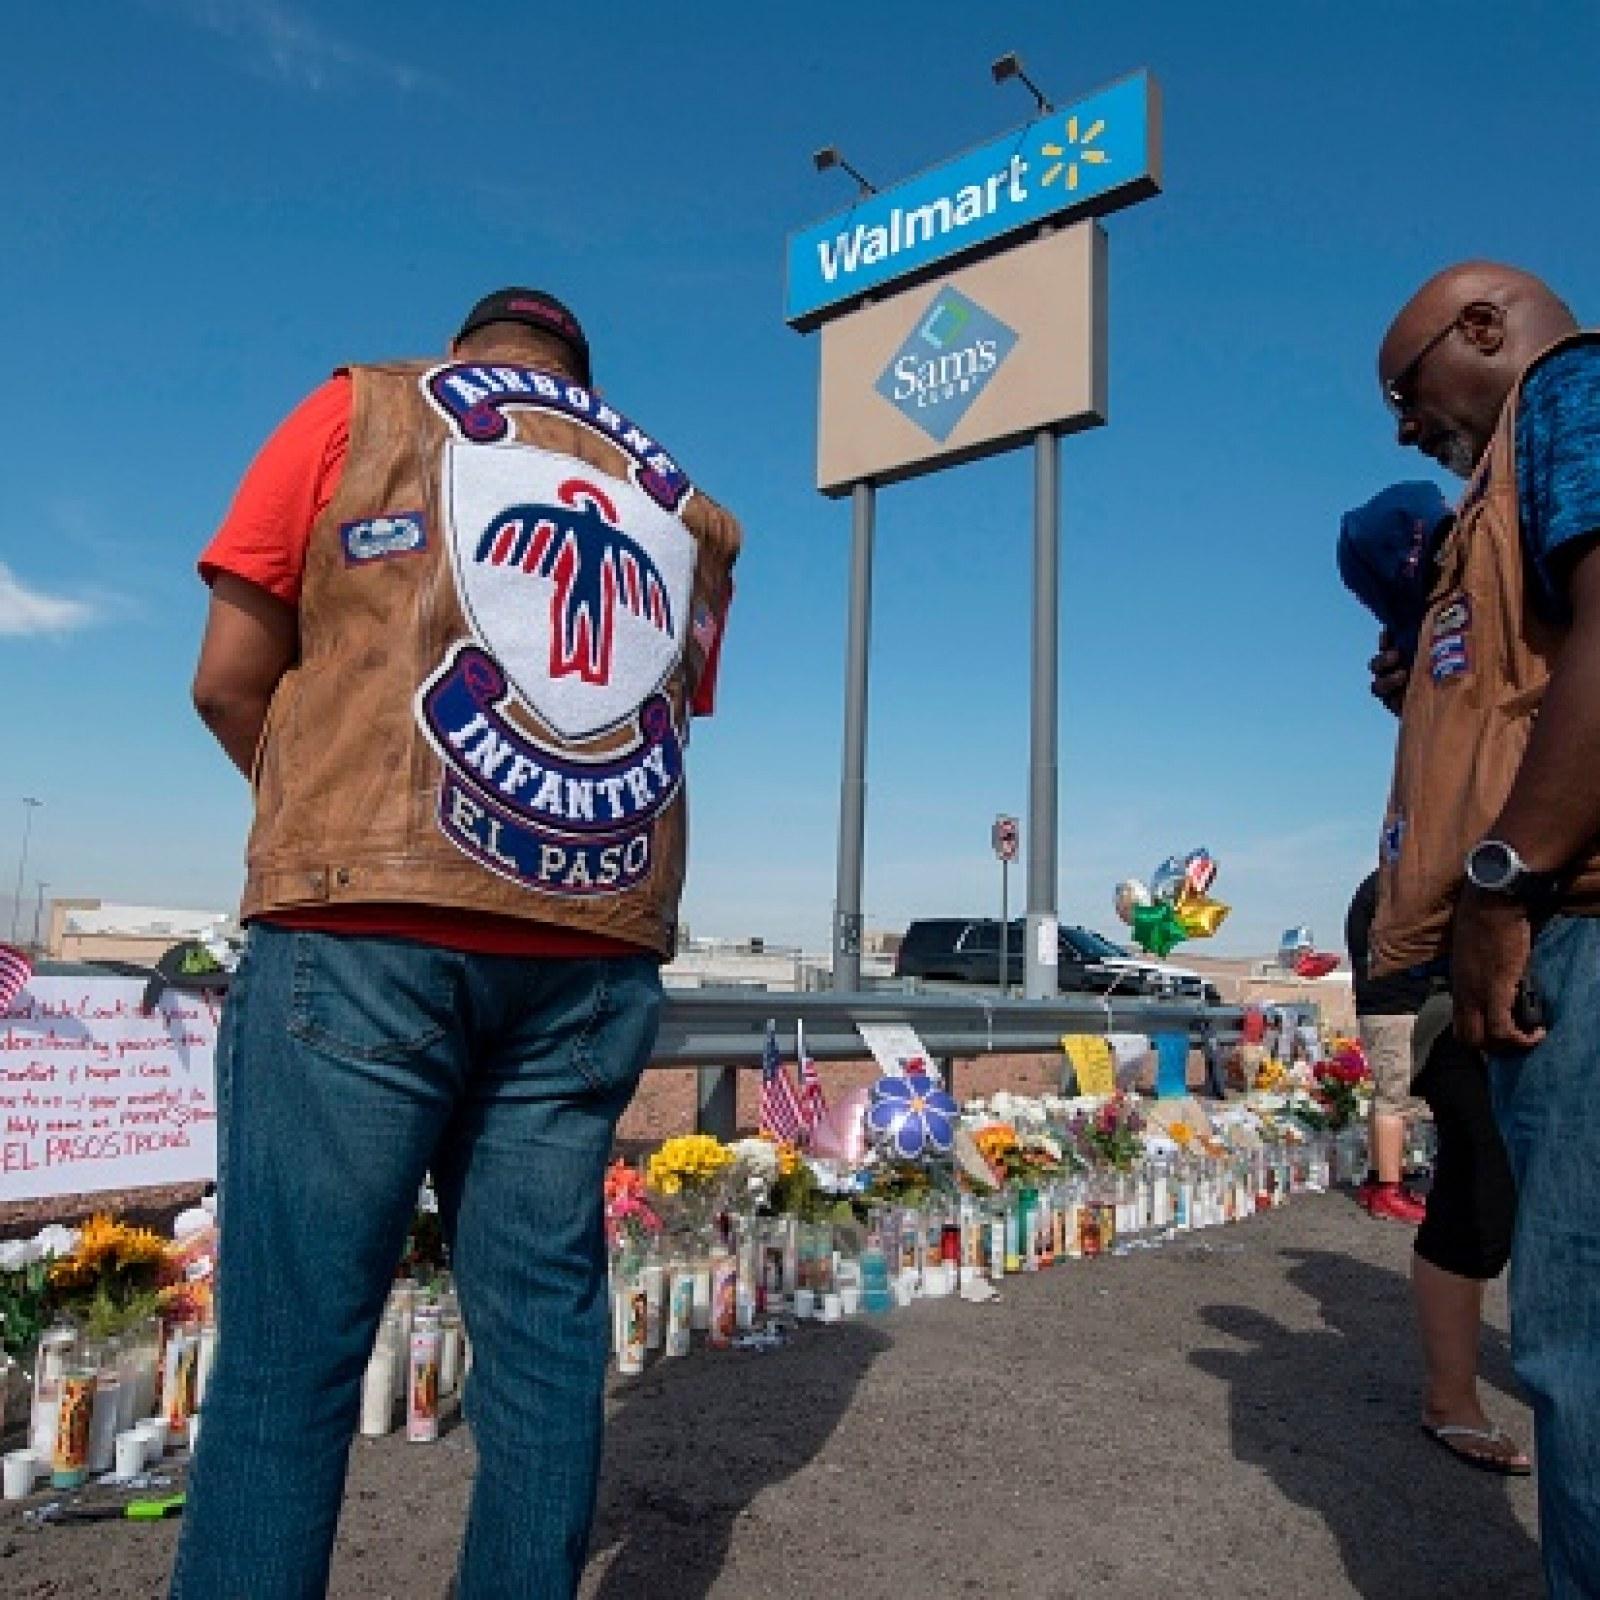 Despite Two Shootings in One Week, Walmart Says It Has No